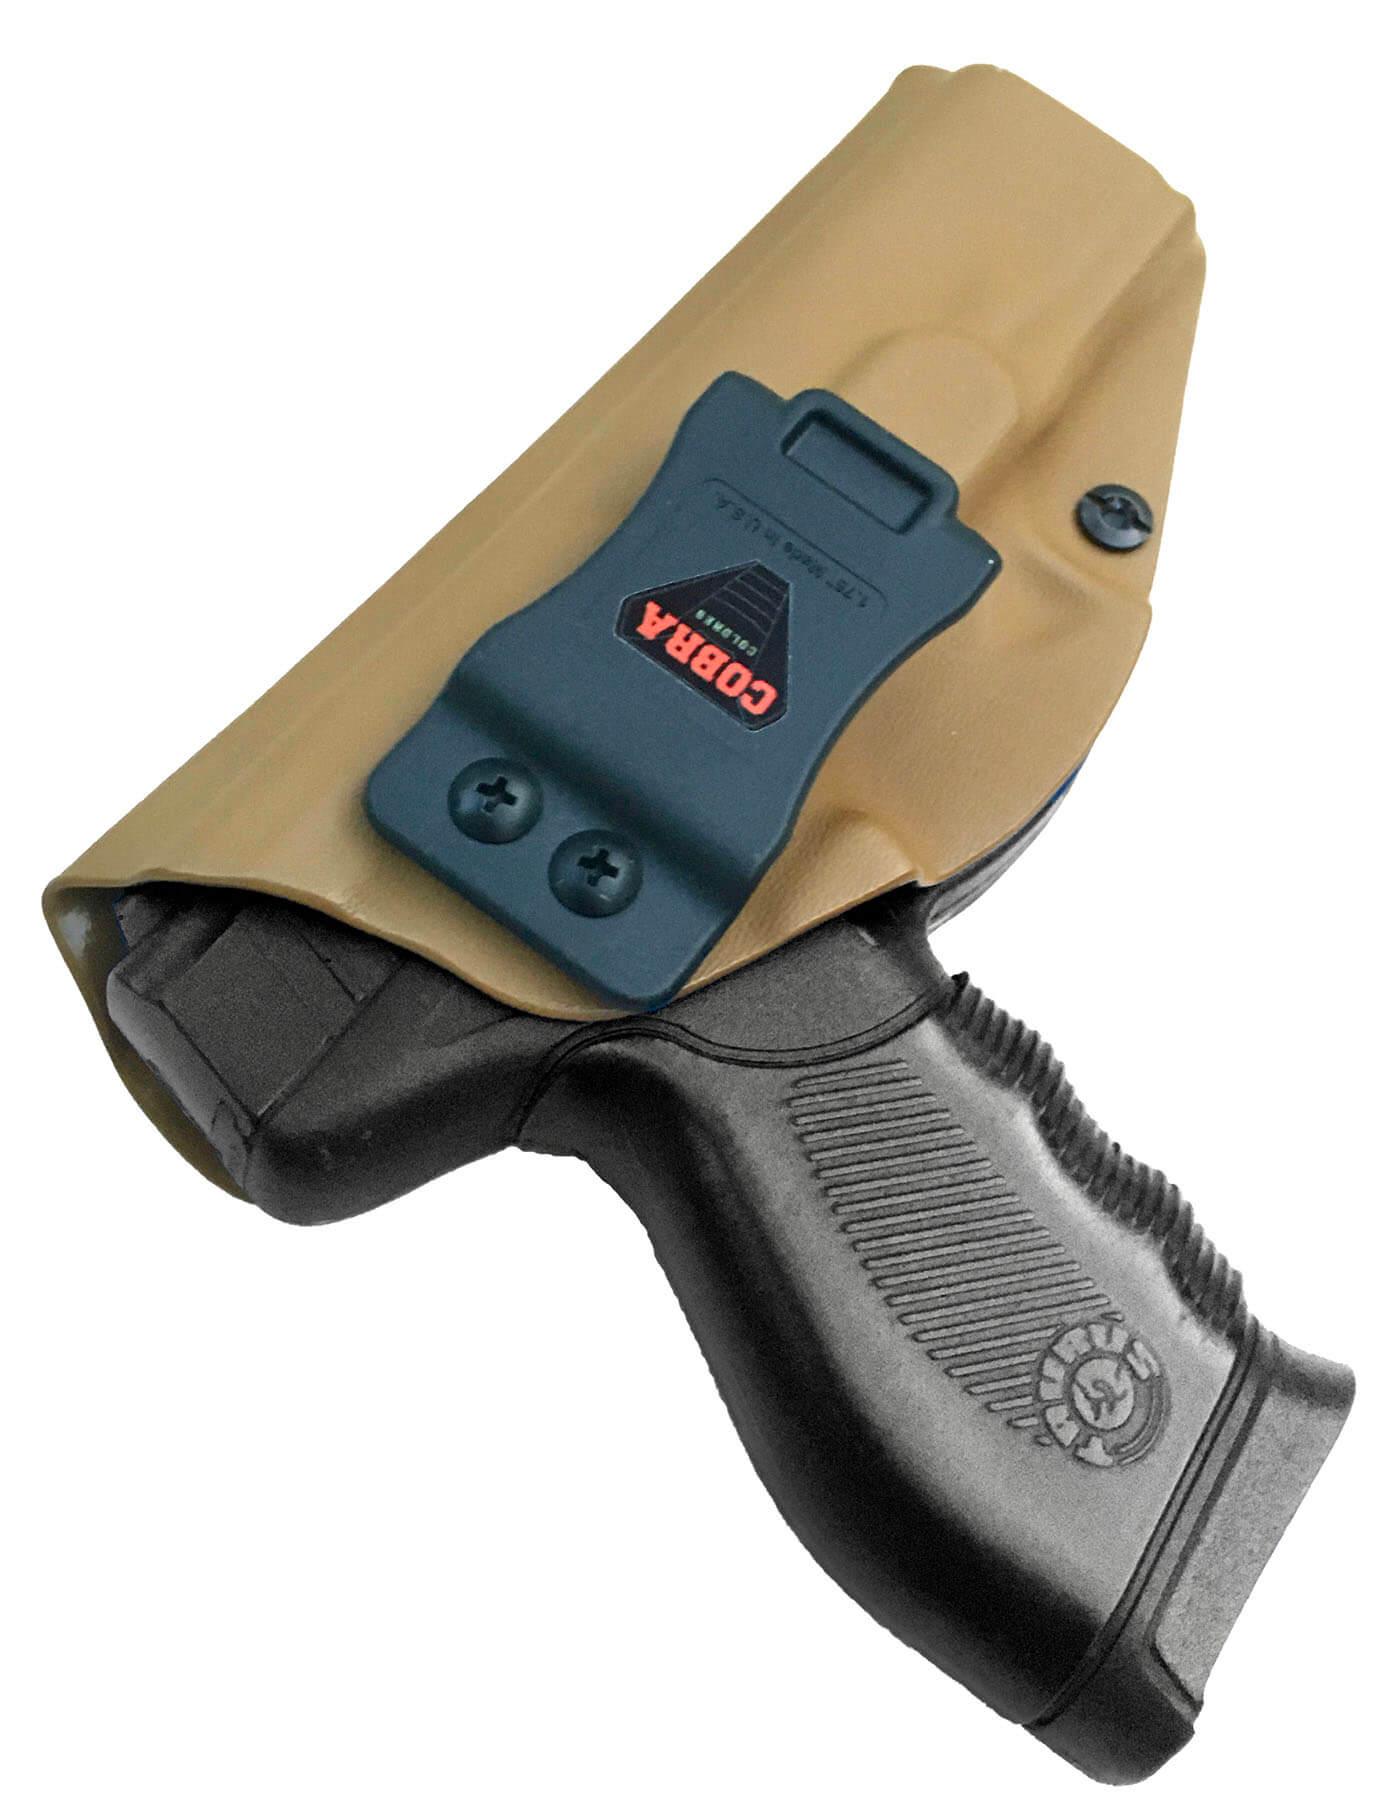 Coldre [24/7] Police / PRO / DS Kydex Slim Saque Rápido Velado ® 080 - Coyote